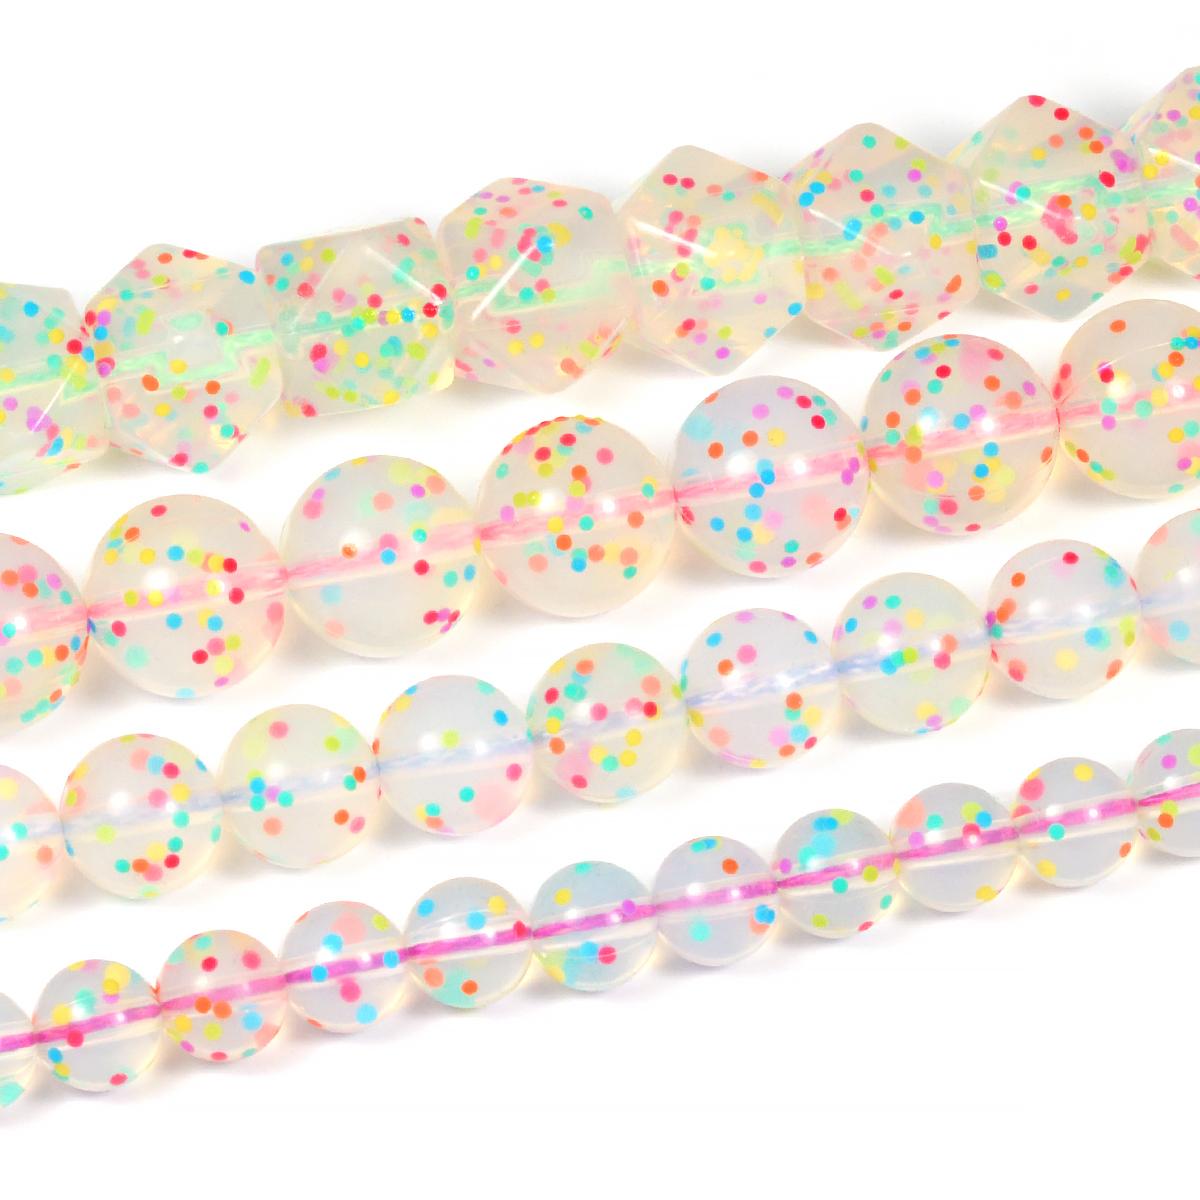 konfetti silikonpärlor